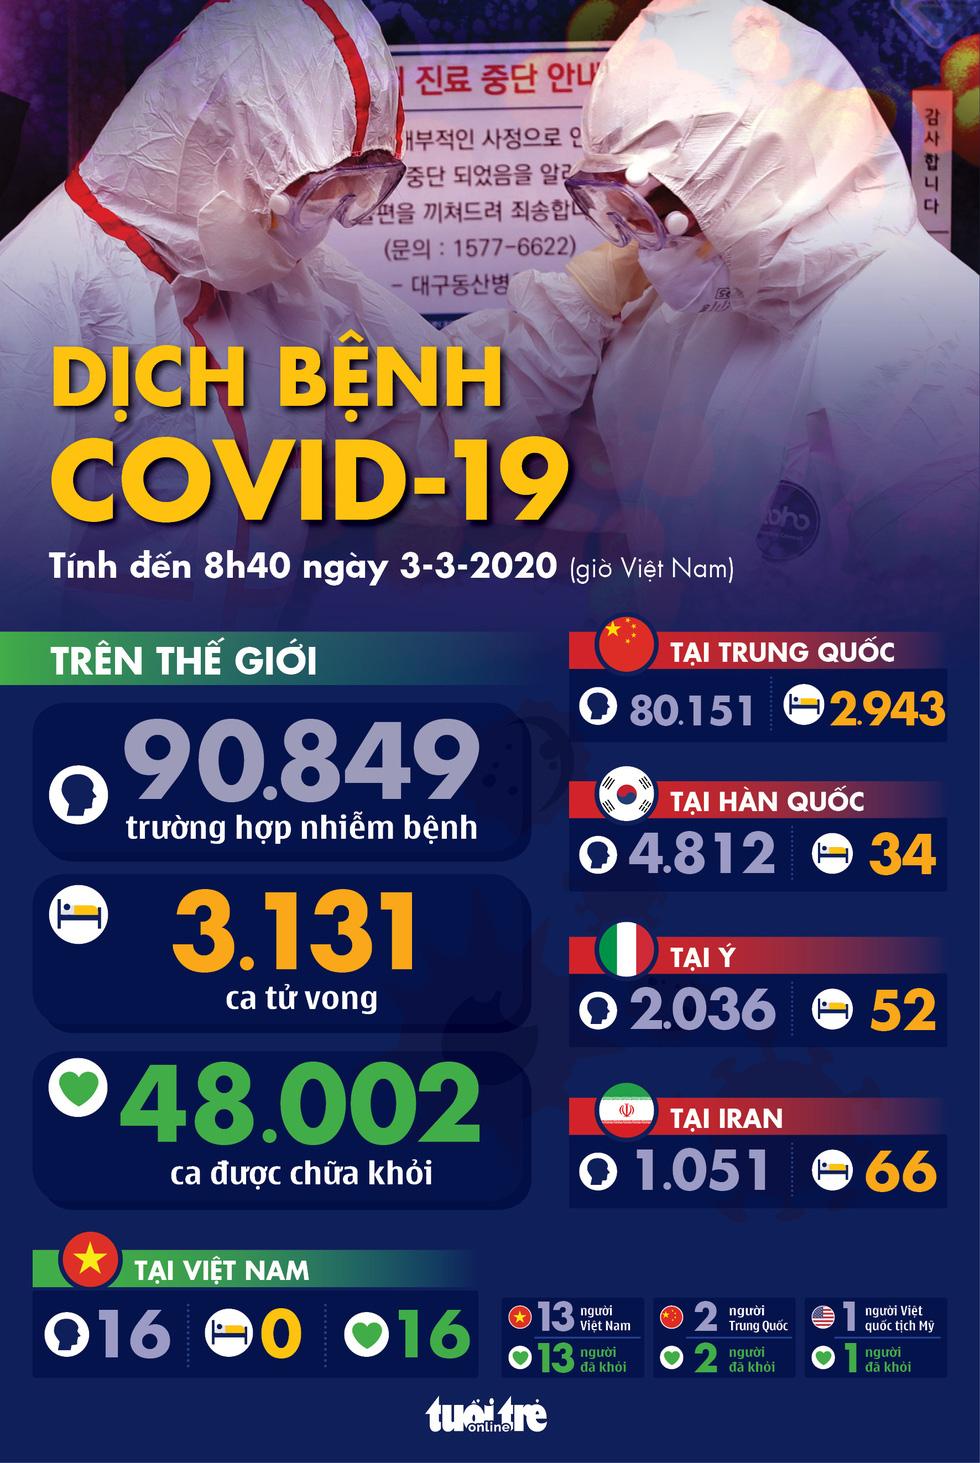 Dịch COVID-19 ngày 3-3: Số nhiễm ở Hàn Quốc tăng 600 sau một đêm, lên 4.812